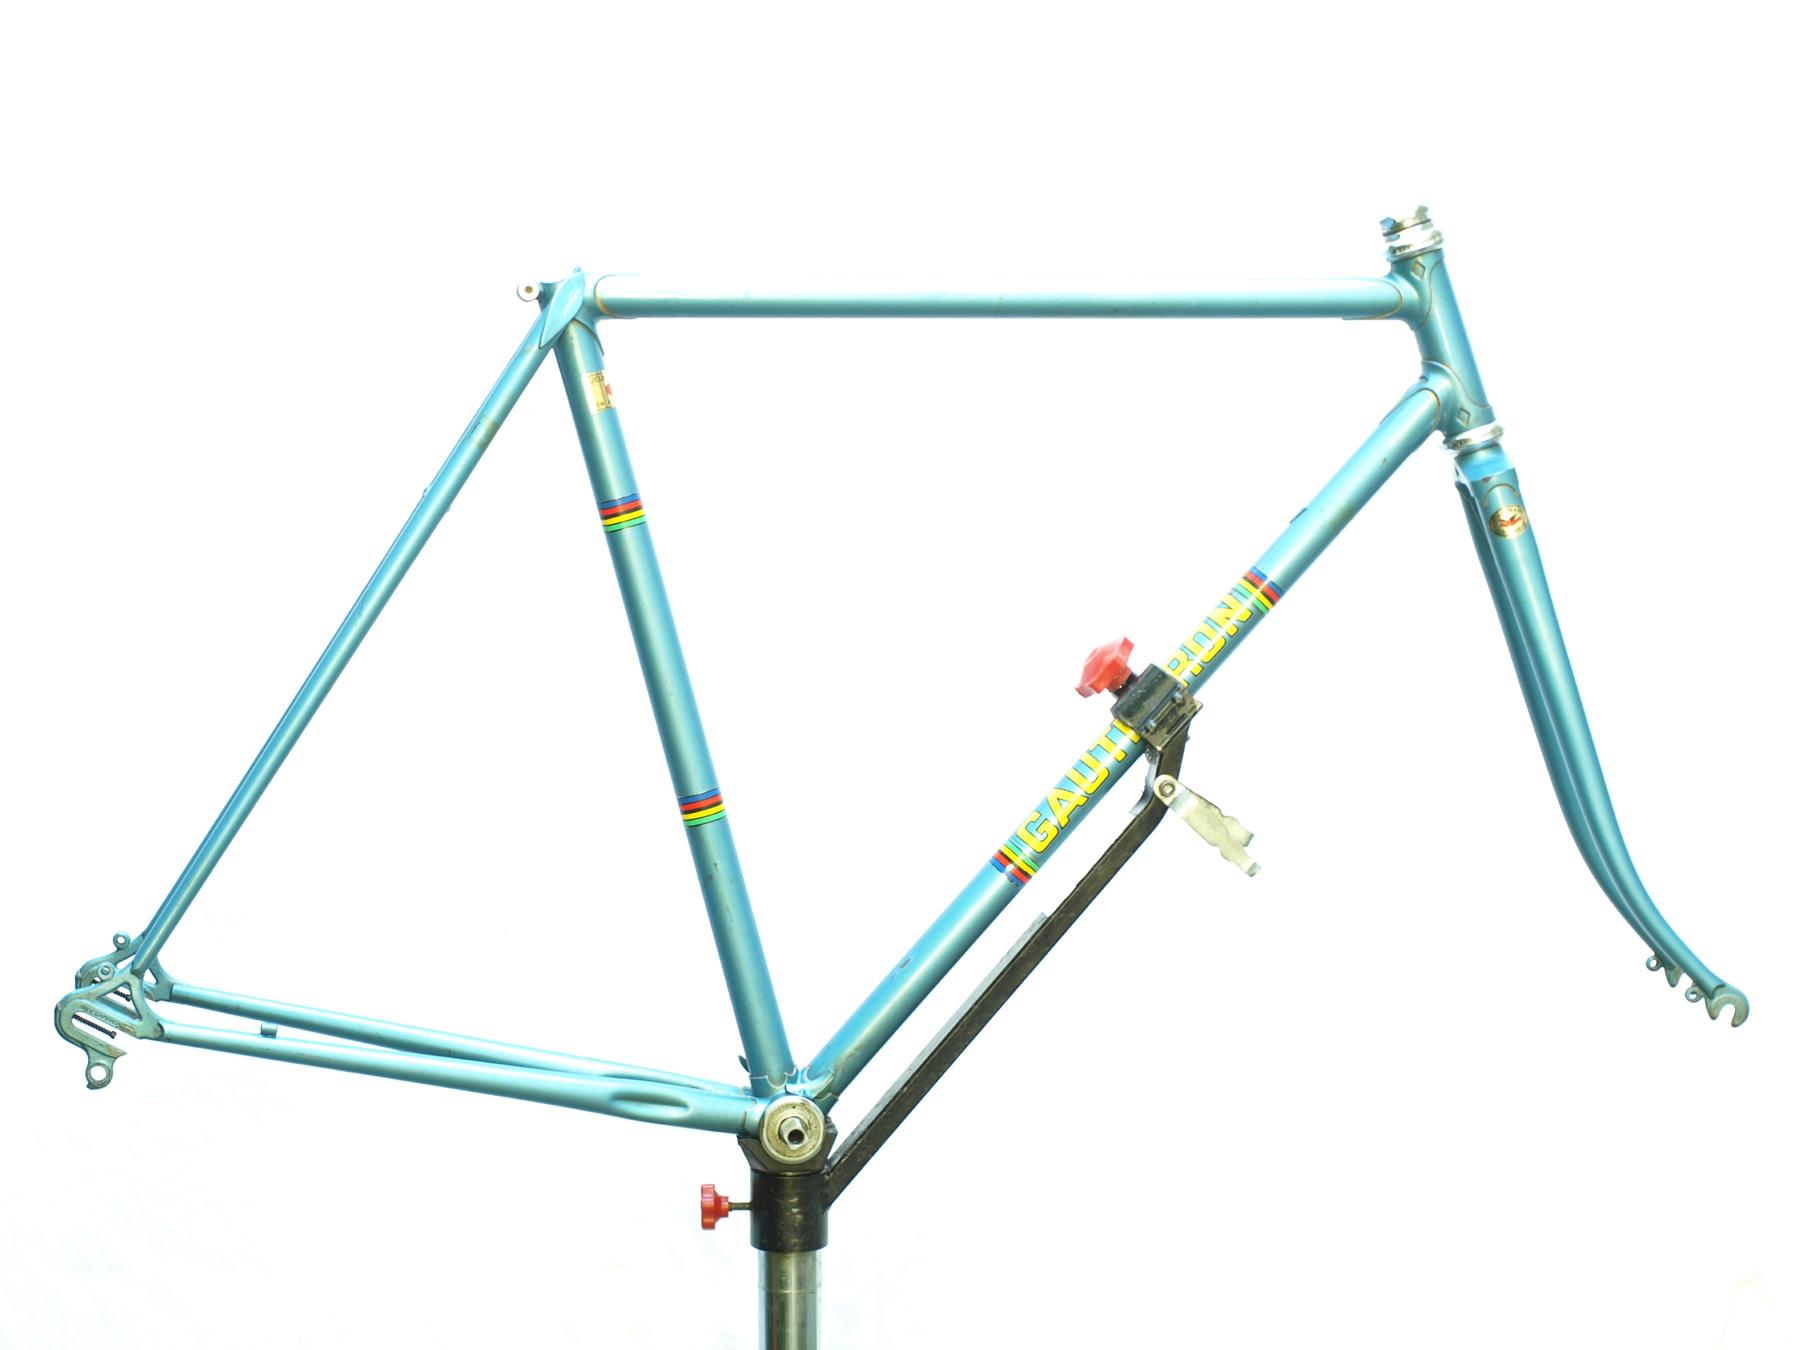 Velovilles | Tour de France 53 cm | Vintage bikes and bicycle parts